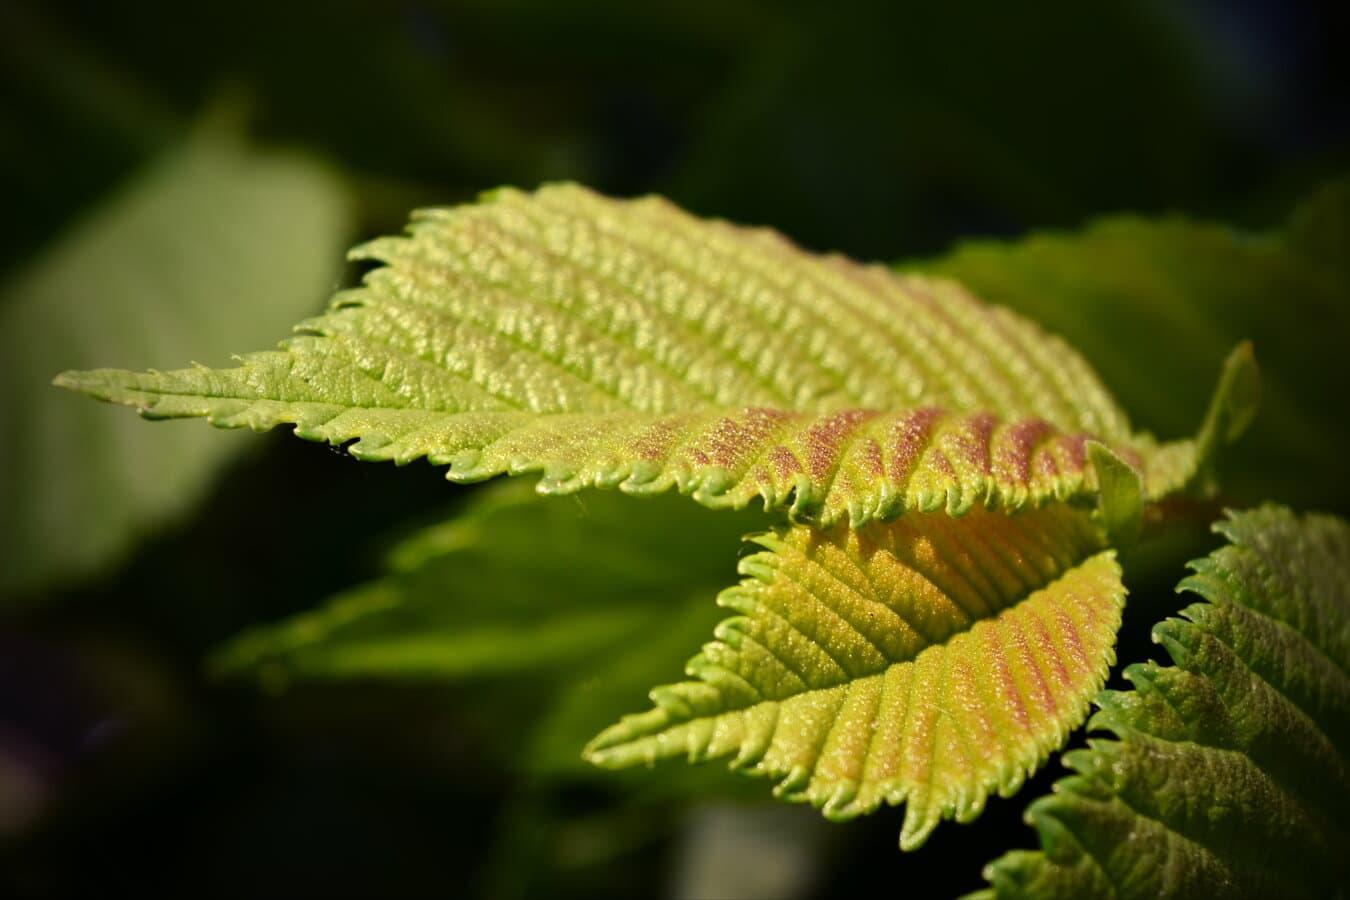 gule blader, grønne blad, Elm, våren, urt, organisme, nært hold, Sollys, blad, treet